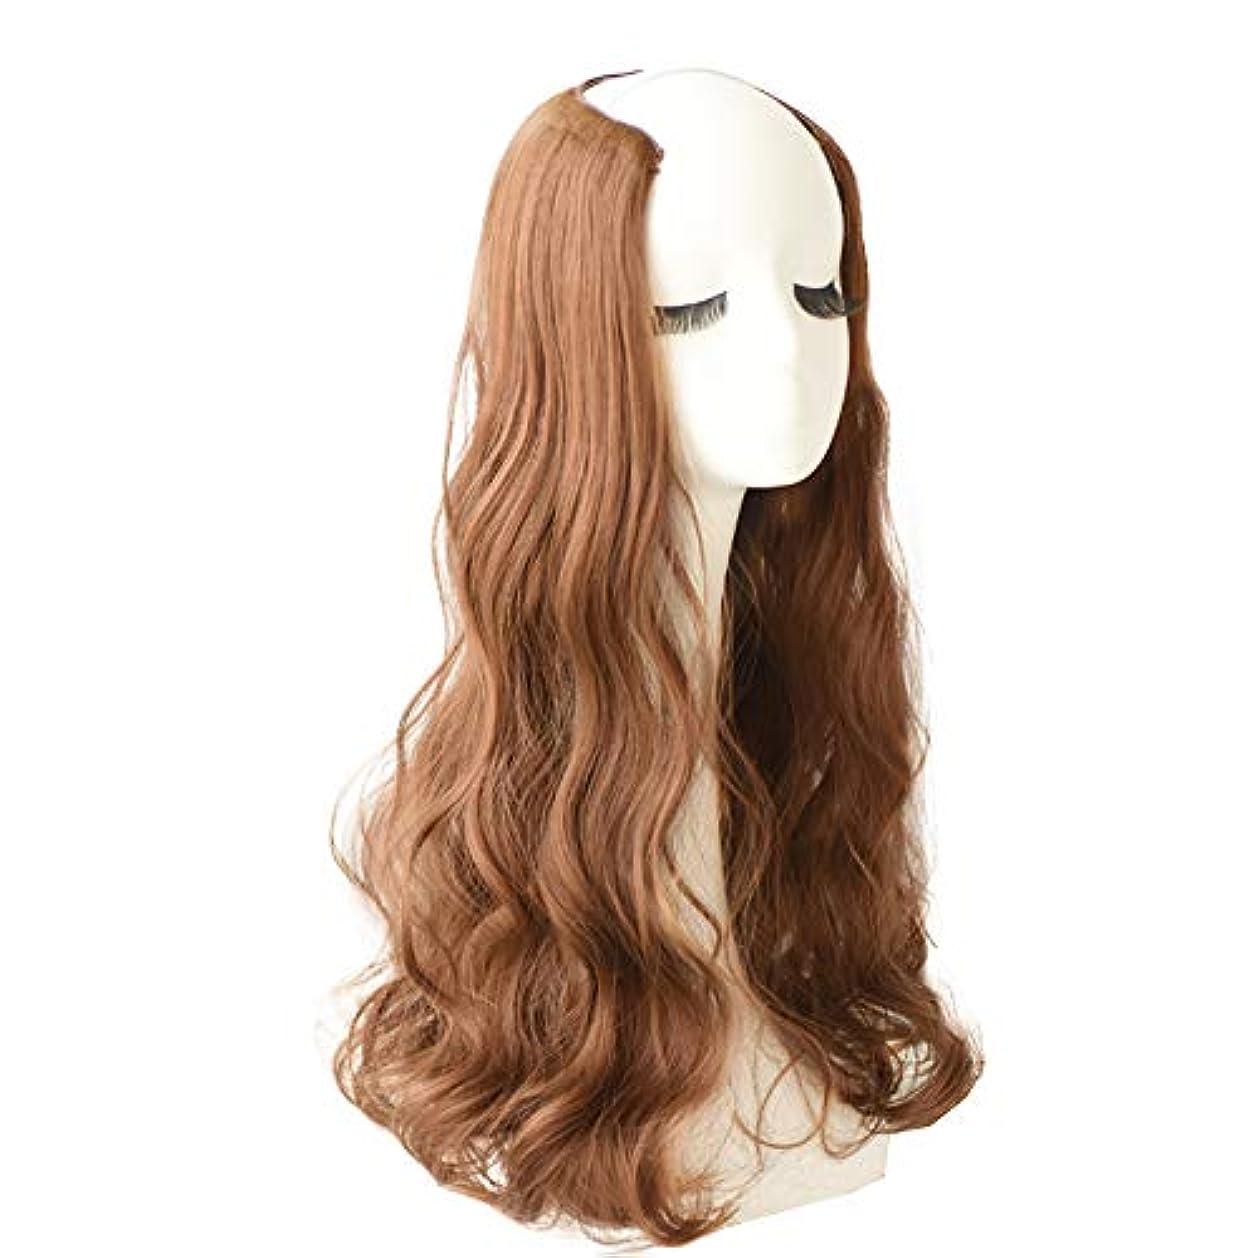 壁道を作る軽減するフルヘッドカーリーウェーブインエクステンションヘアピース女性用新Vタイプヘアエクステンション小さいサイズと、頭皮の通気性が強い